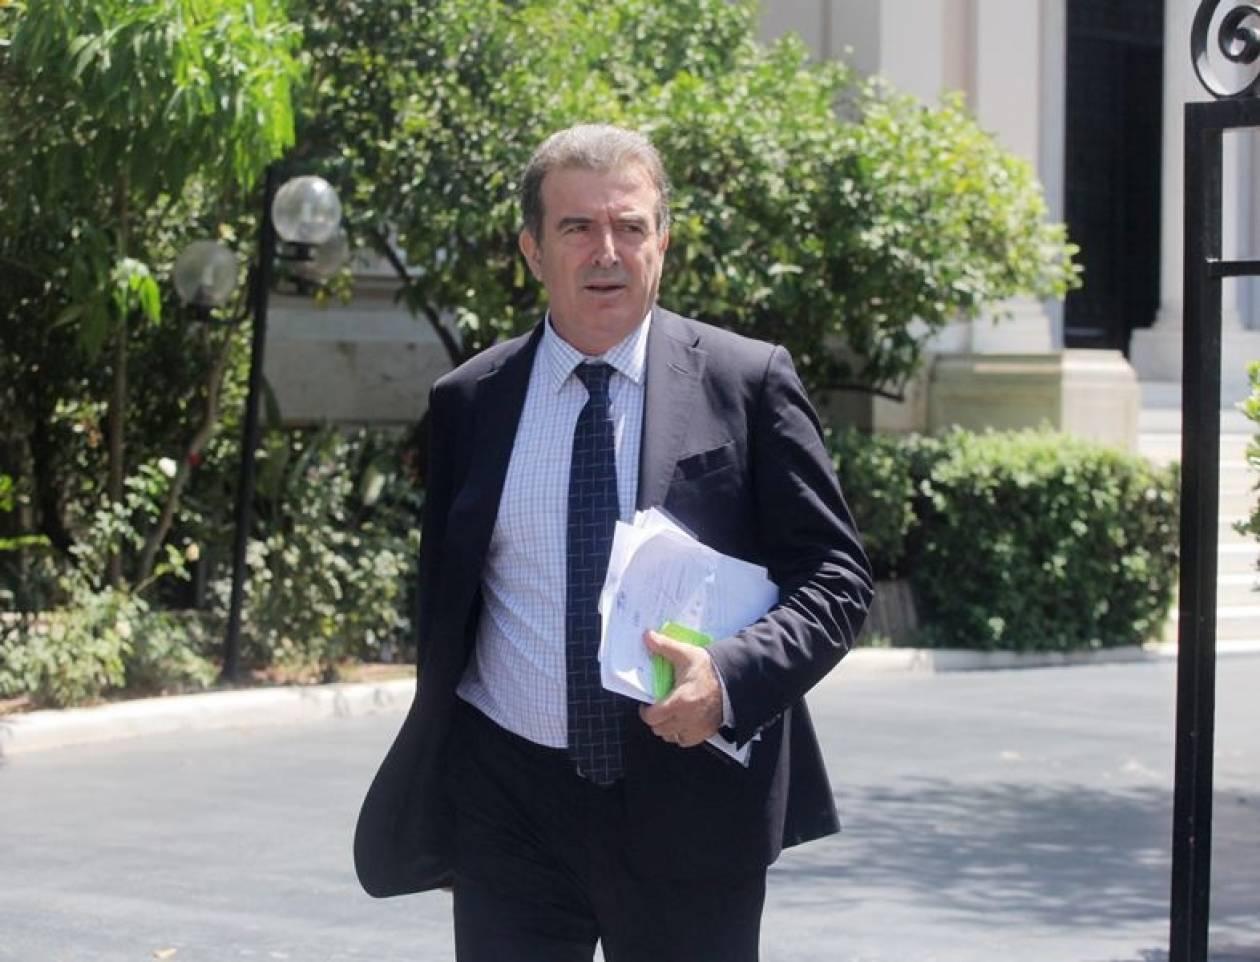 Χρυσοχοΐδης: Το πολιτικό σύστημα πρέπει να αλλάξει